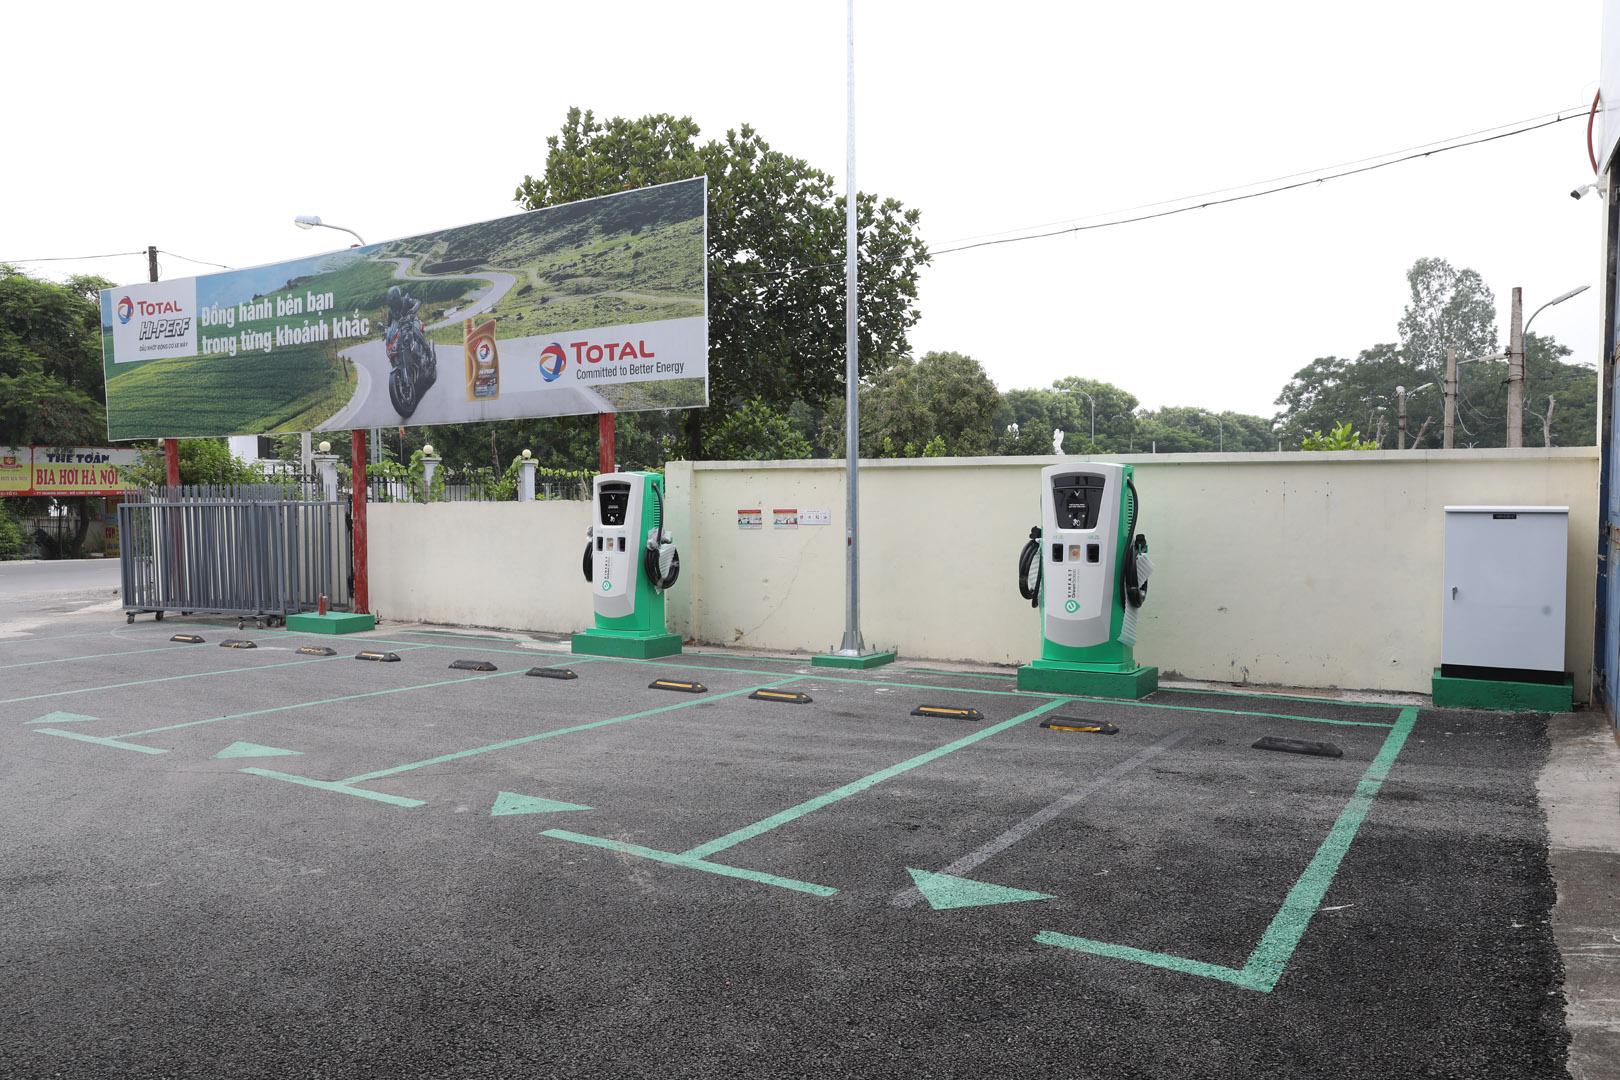 VinFast lắp đặt thần tốc hơn 8.100 cổng sạc ô tô, xe máy điện tại 60 tỉnh thành - Ảnh 6.